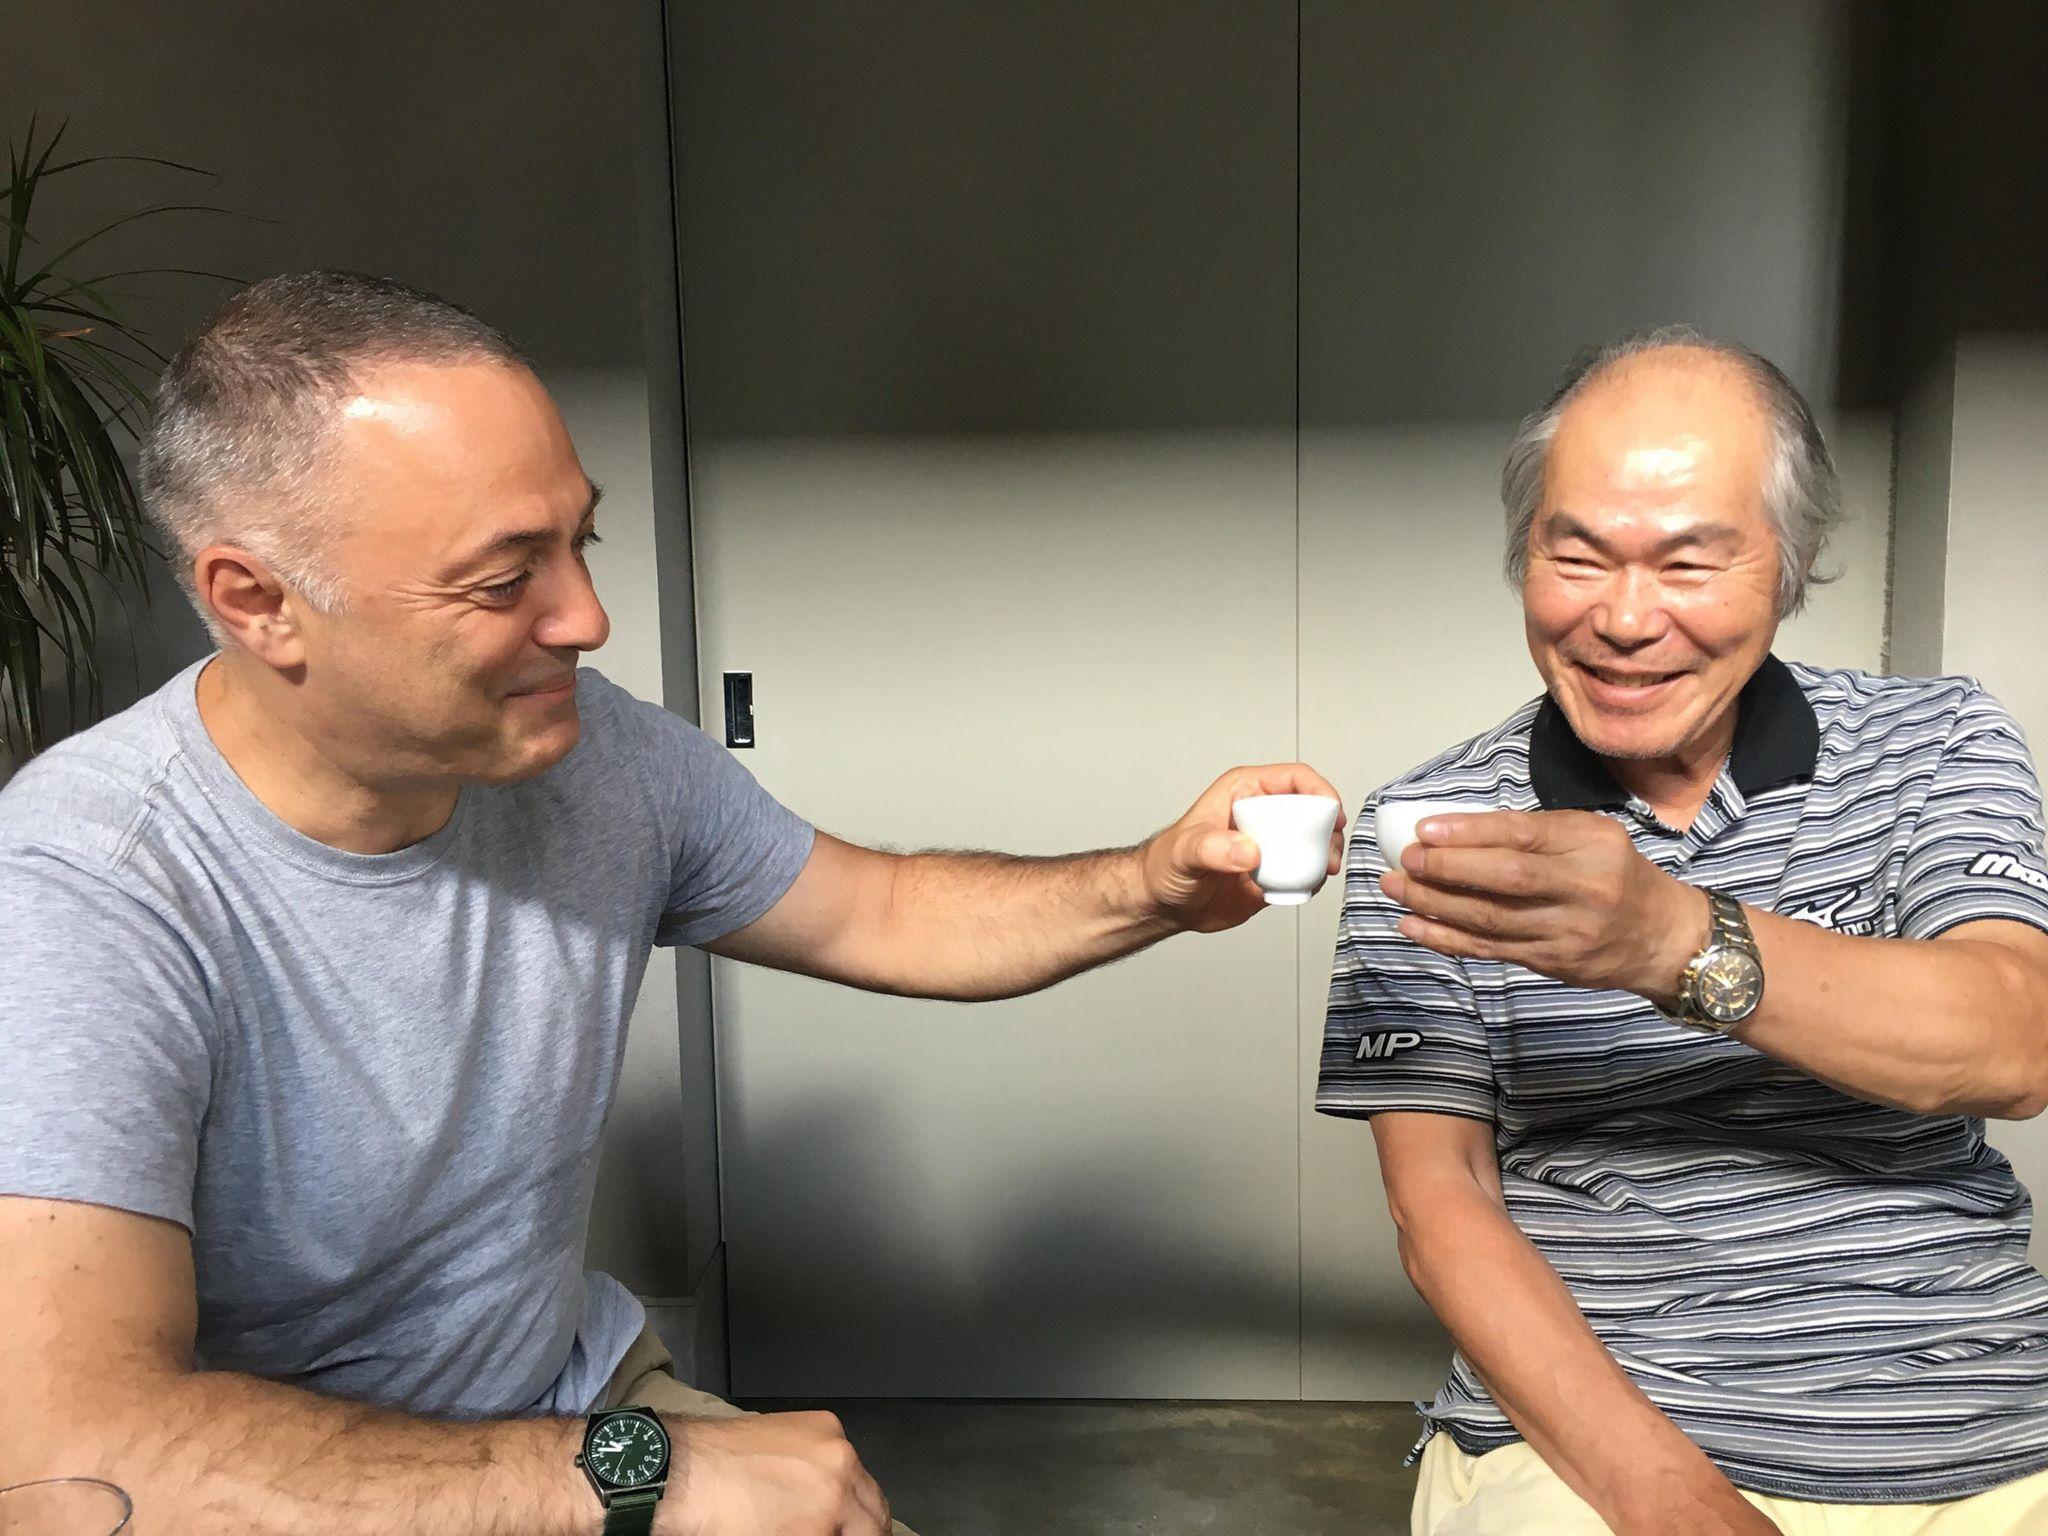 Με τον μάστερ των κεραμεικών Okugawa, πίνοντας ιαπωνικό σάκε σε κούπες που φιλοτέχνησε ο ίδιος.